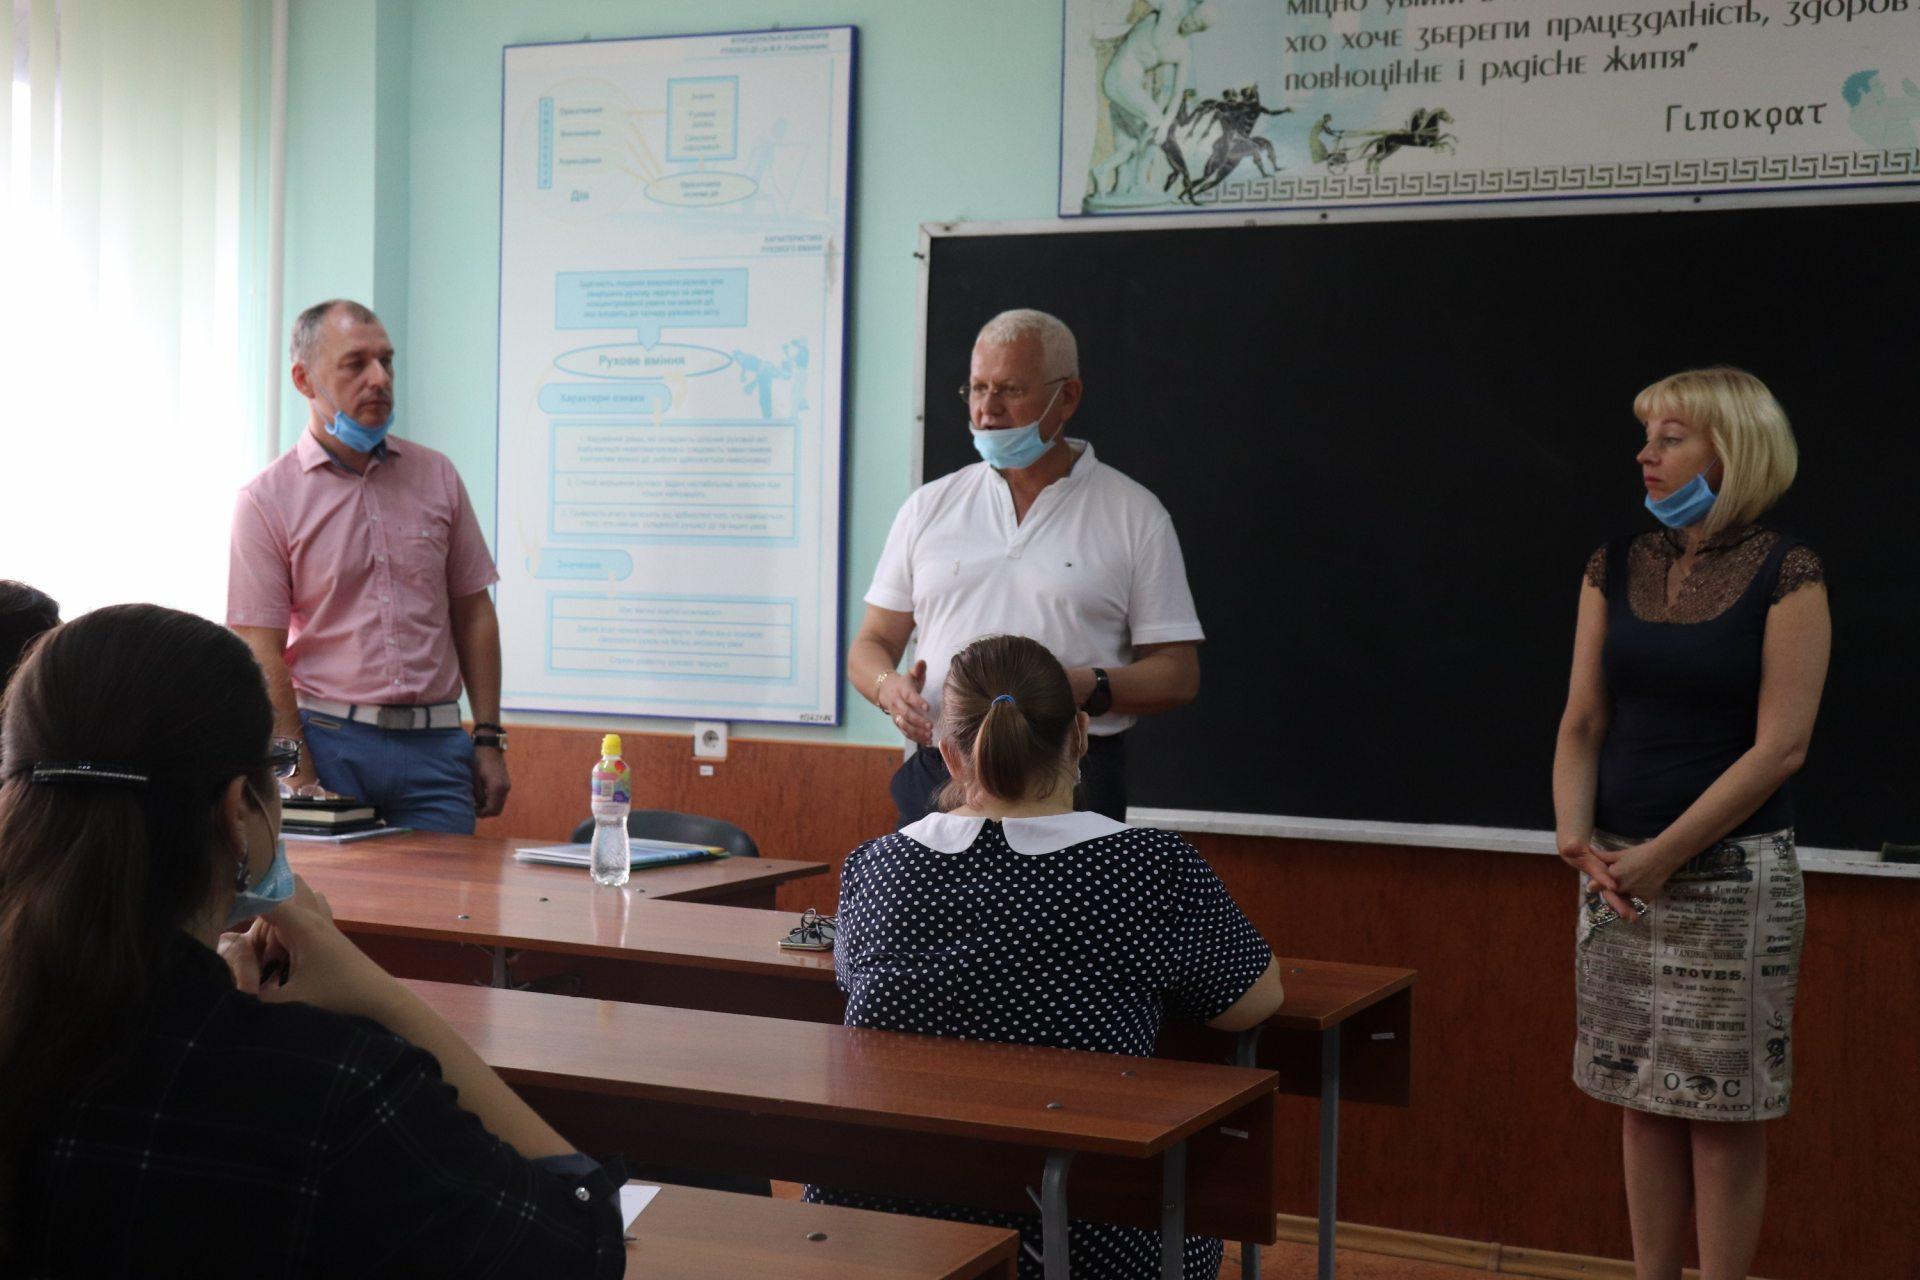 У ХДУ для майбутніх аспірантів провели консультацію з англійської мови